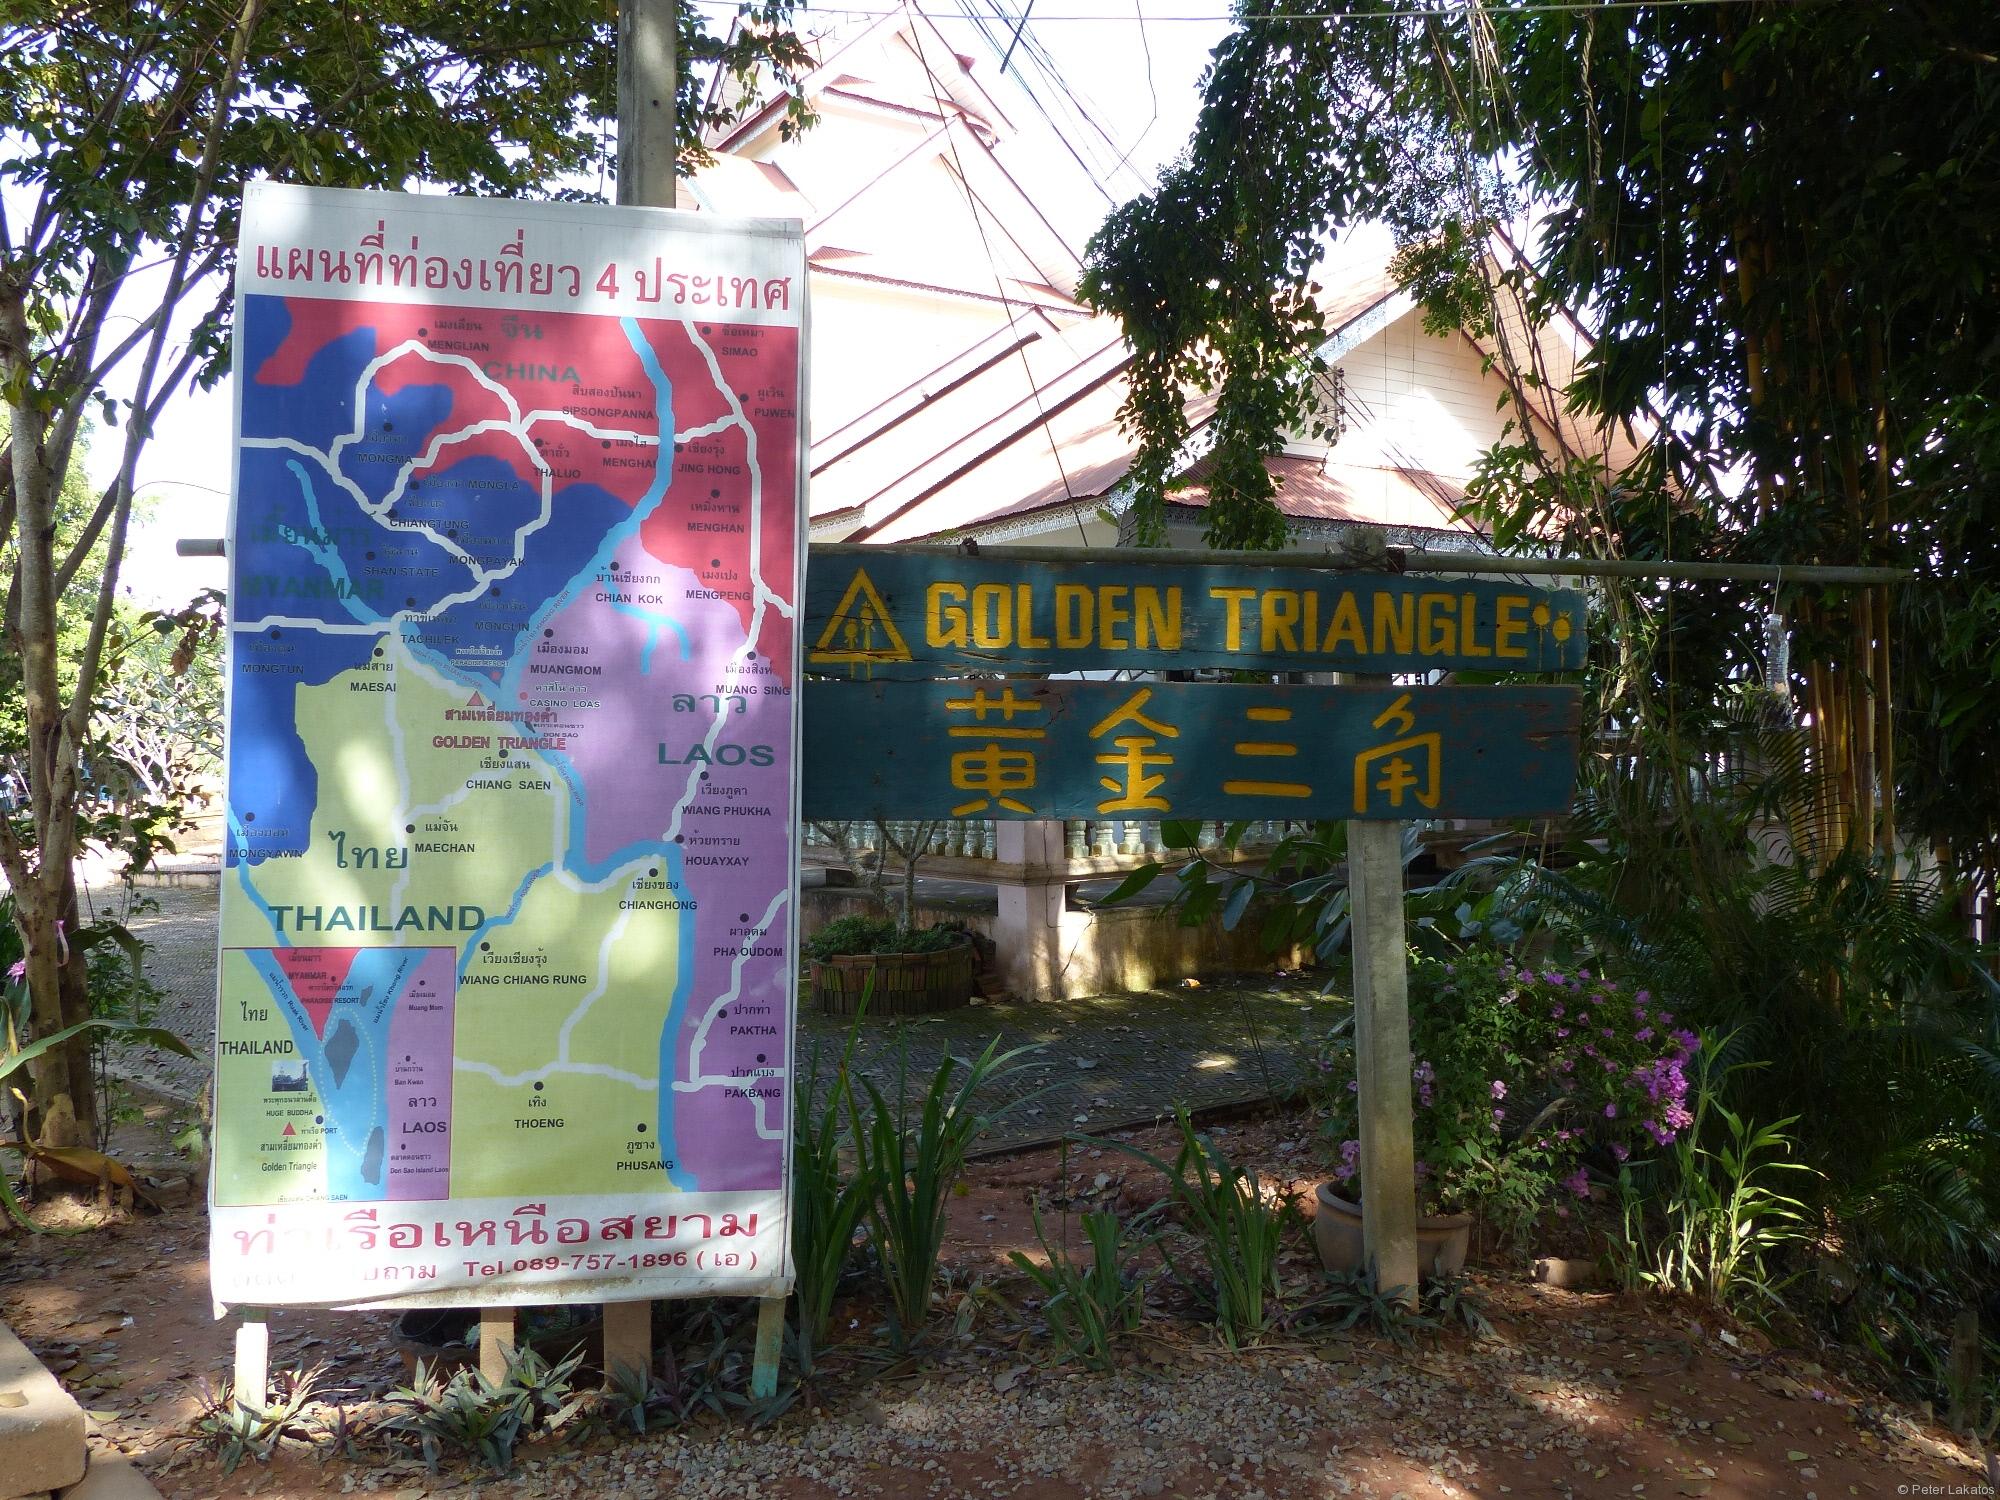 Sehenswürdigkeiten um Chiang Mai - Das Goldene Dreieck